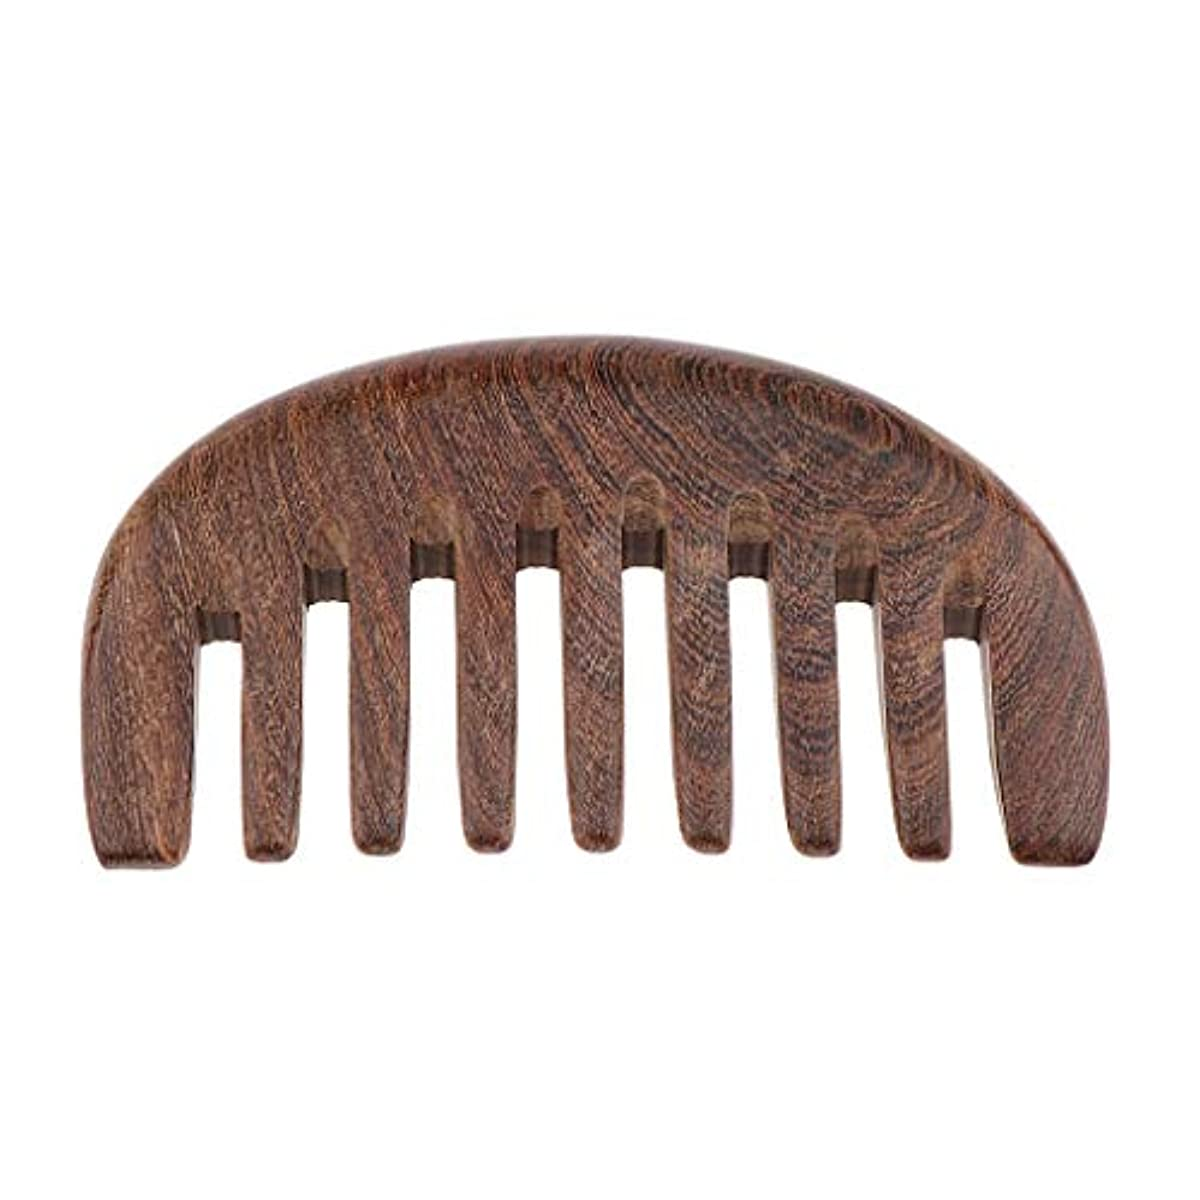 戦略侮辱不毛木製ヘアコーム 手作り 櫛 ナチュラル木製 マッサージコーム 3色選べ - クロロフォラ